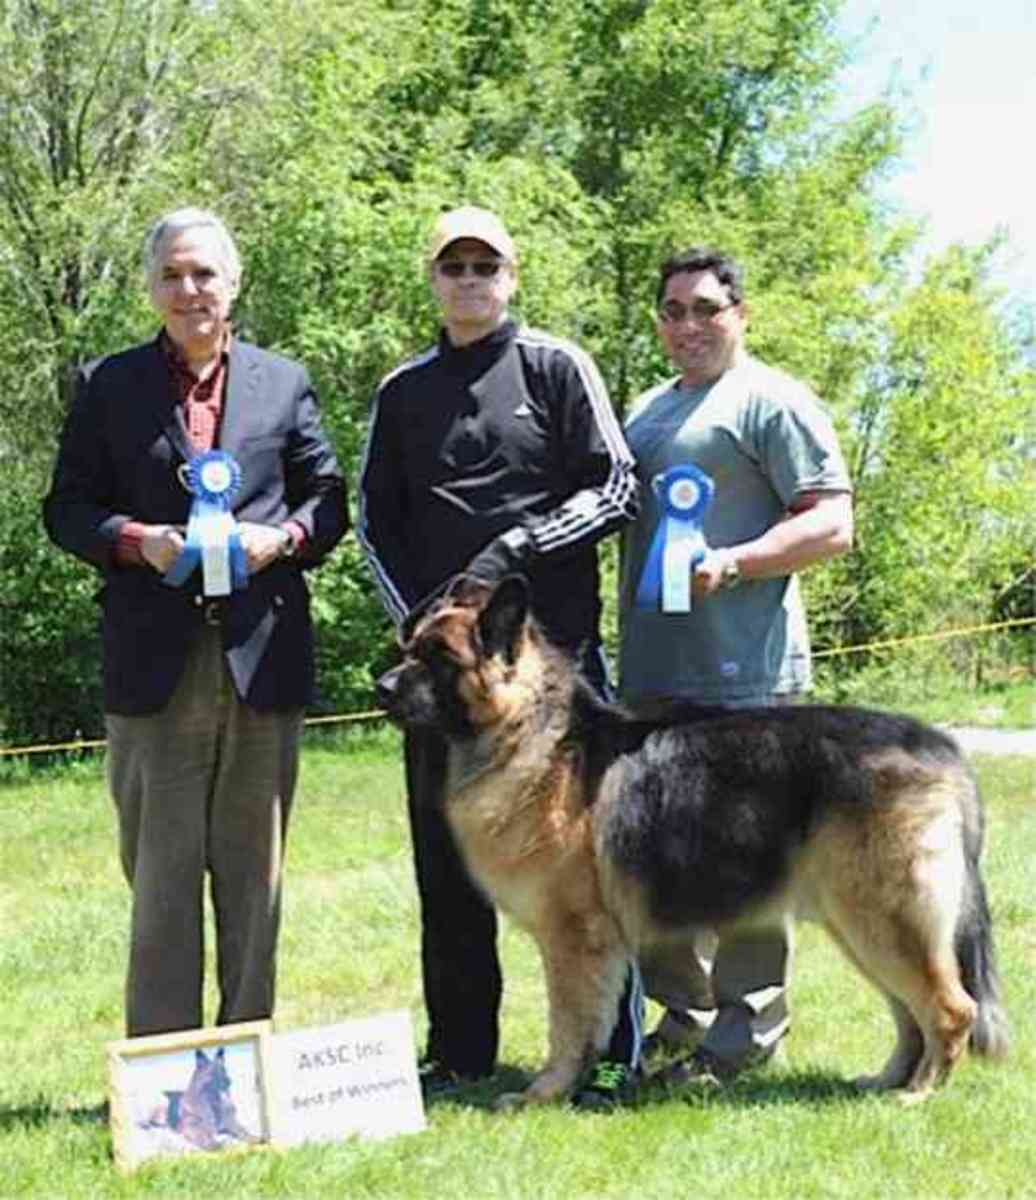 Members from American king Shepherd Club